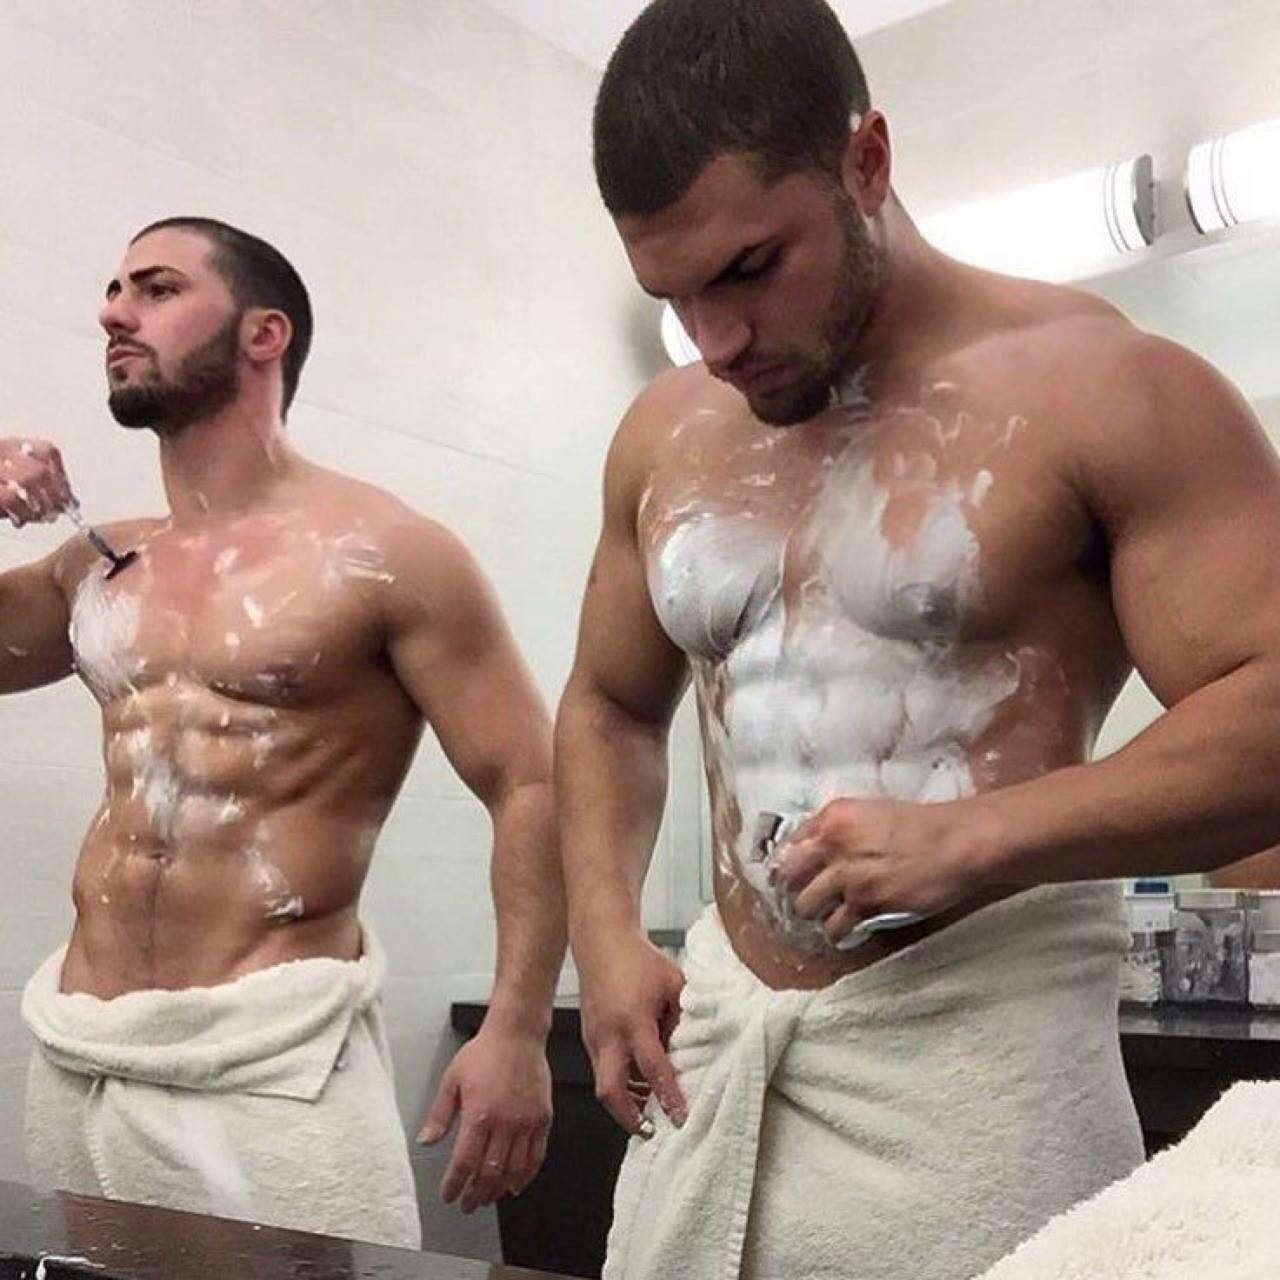 Fat do men prefer shaved orgasm pict hard